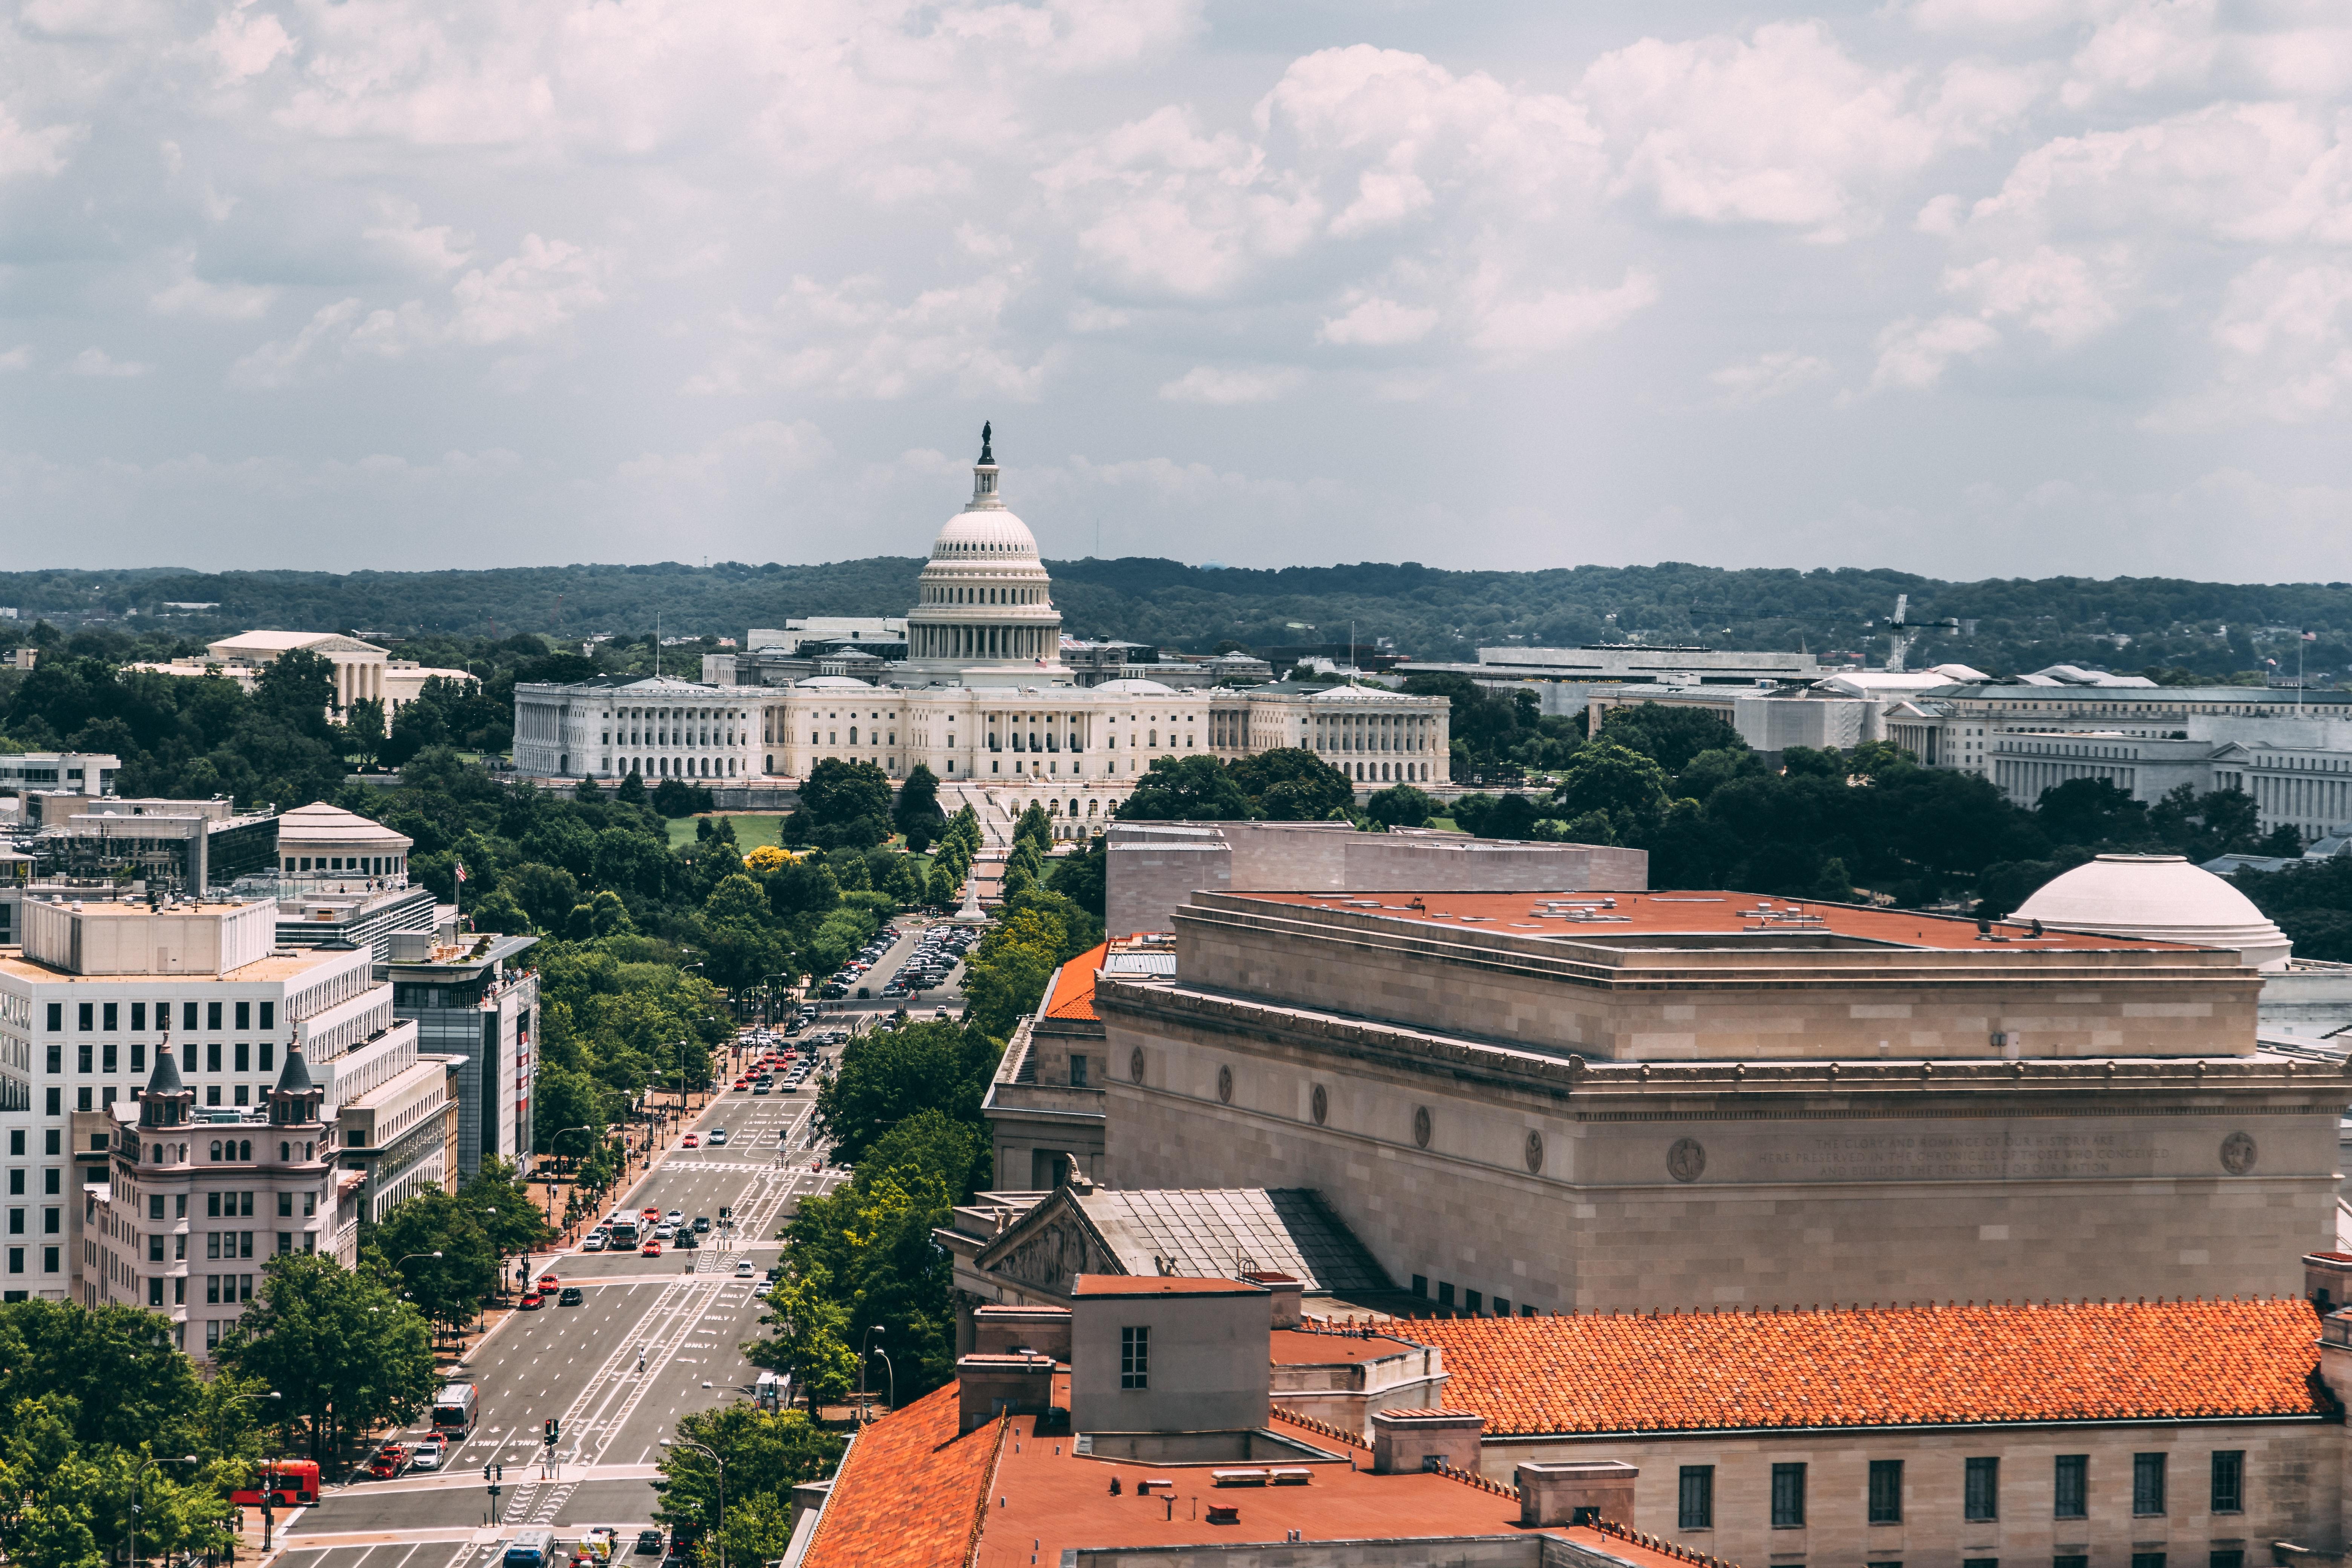 U.S Senate & House of Representatives